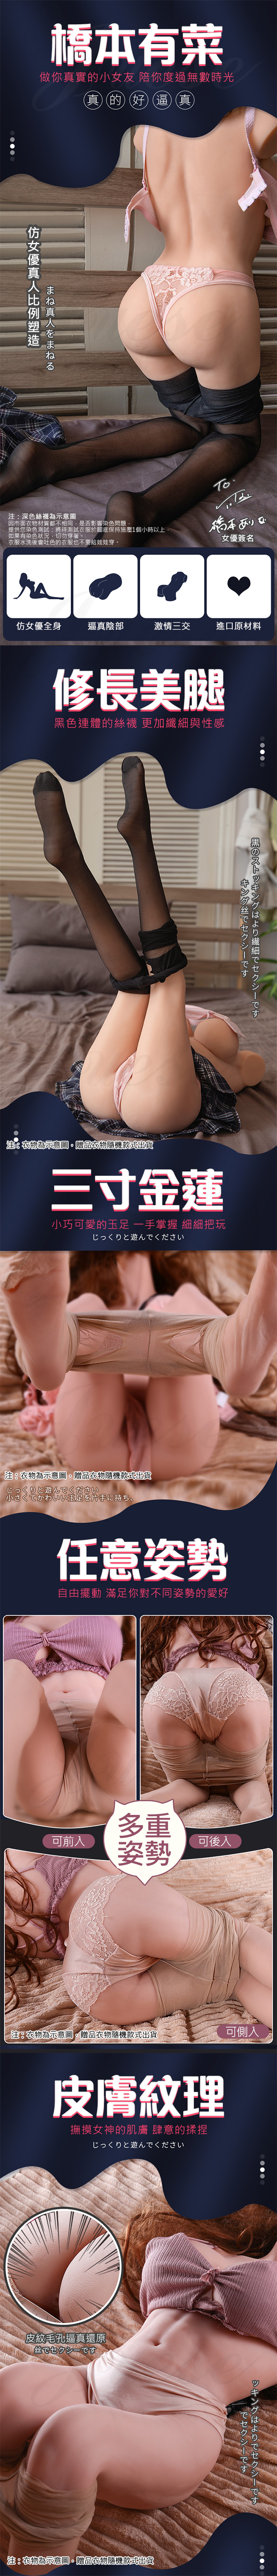 橋本有菜 半實體仿真人倒模矽膠實體娃娃-15kg